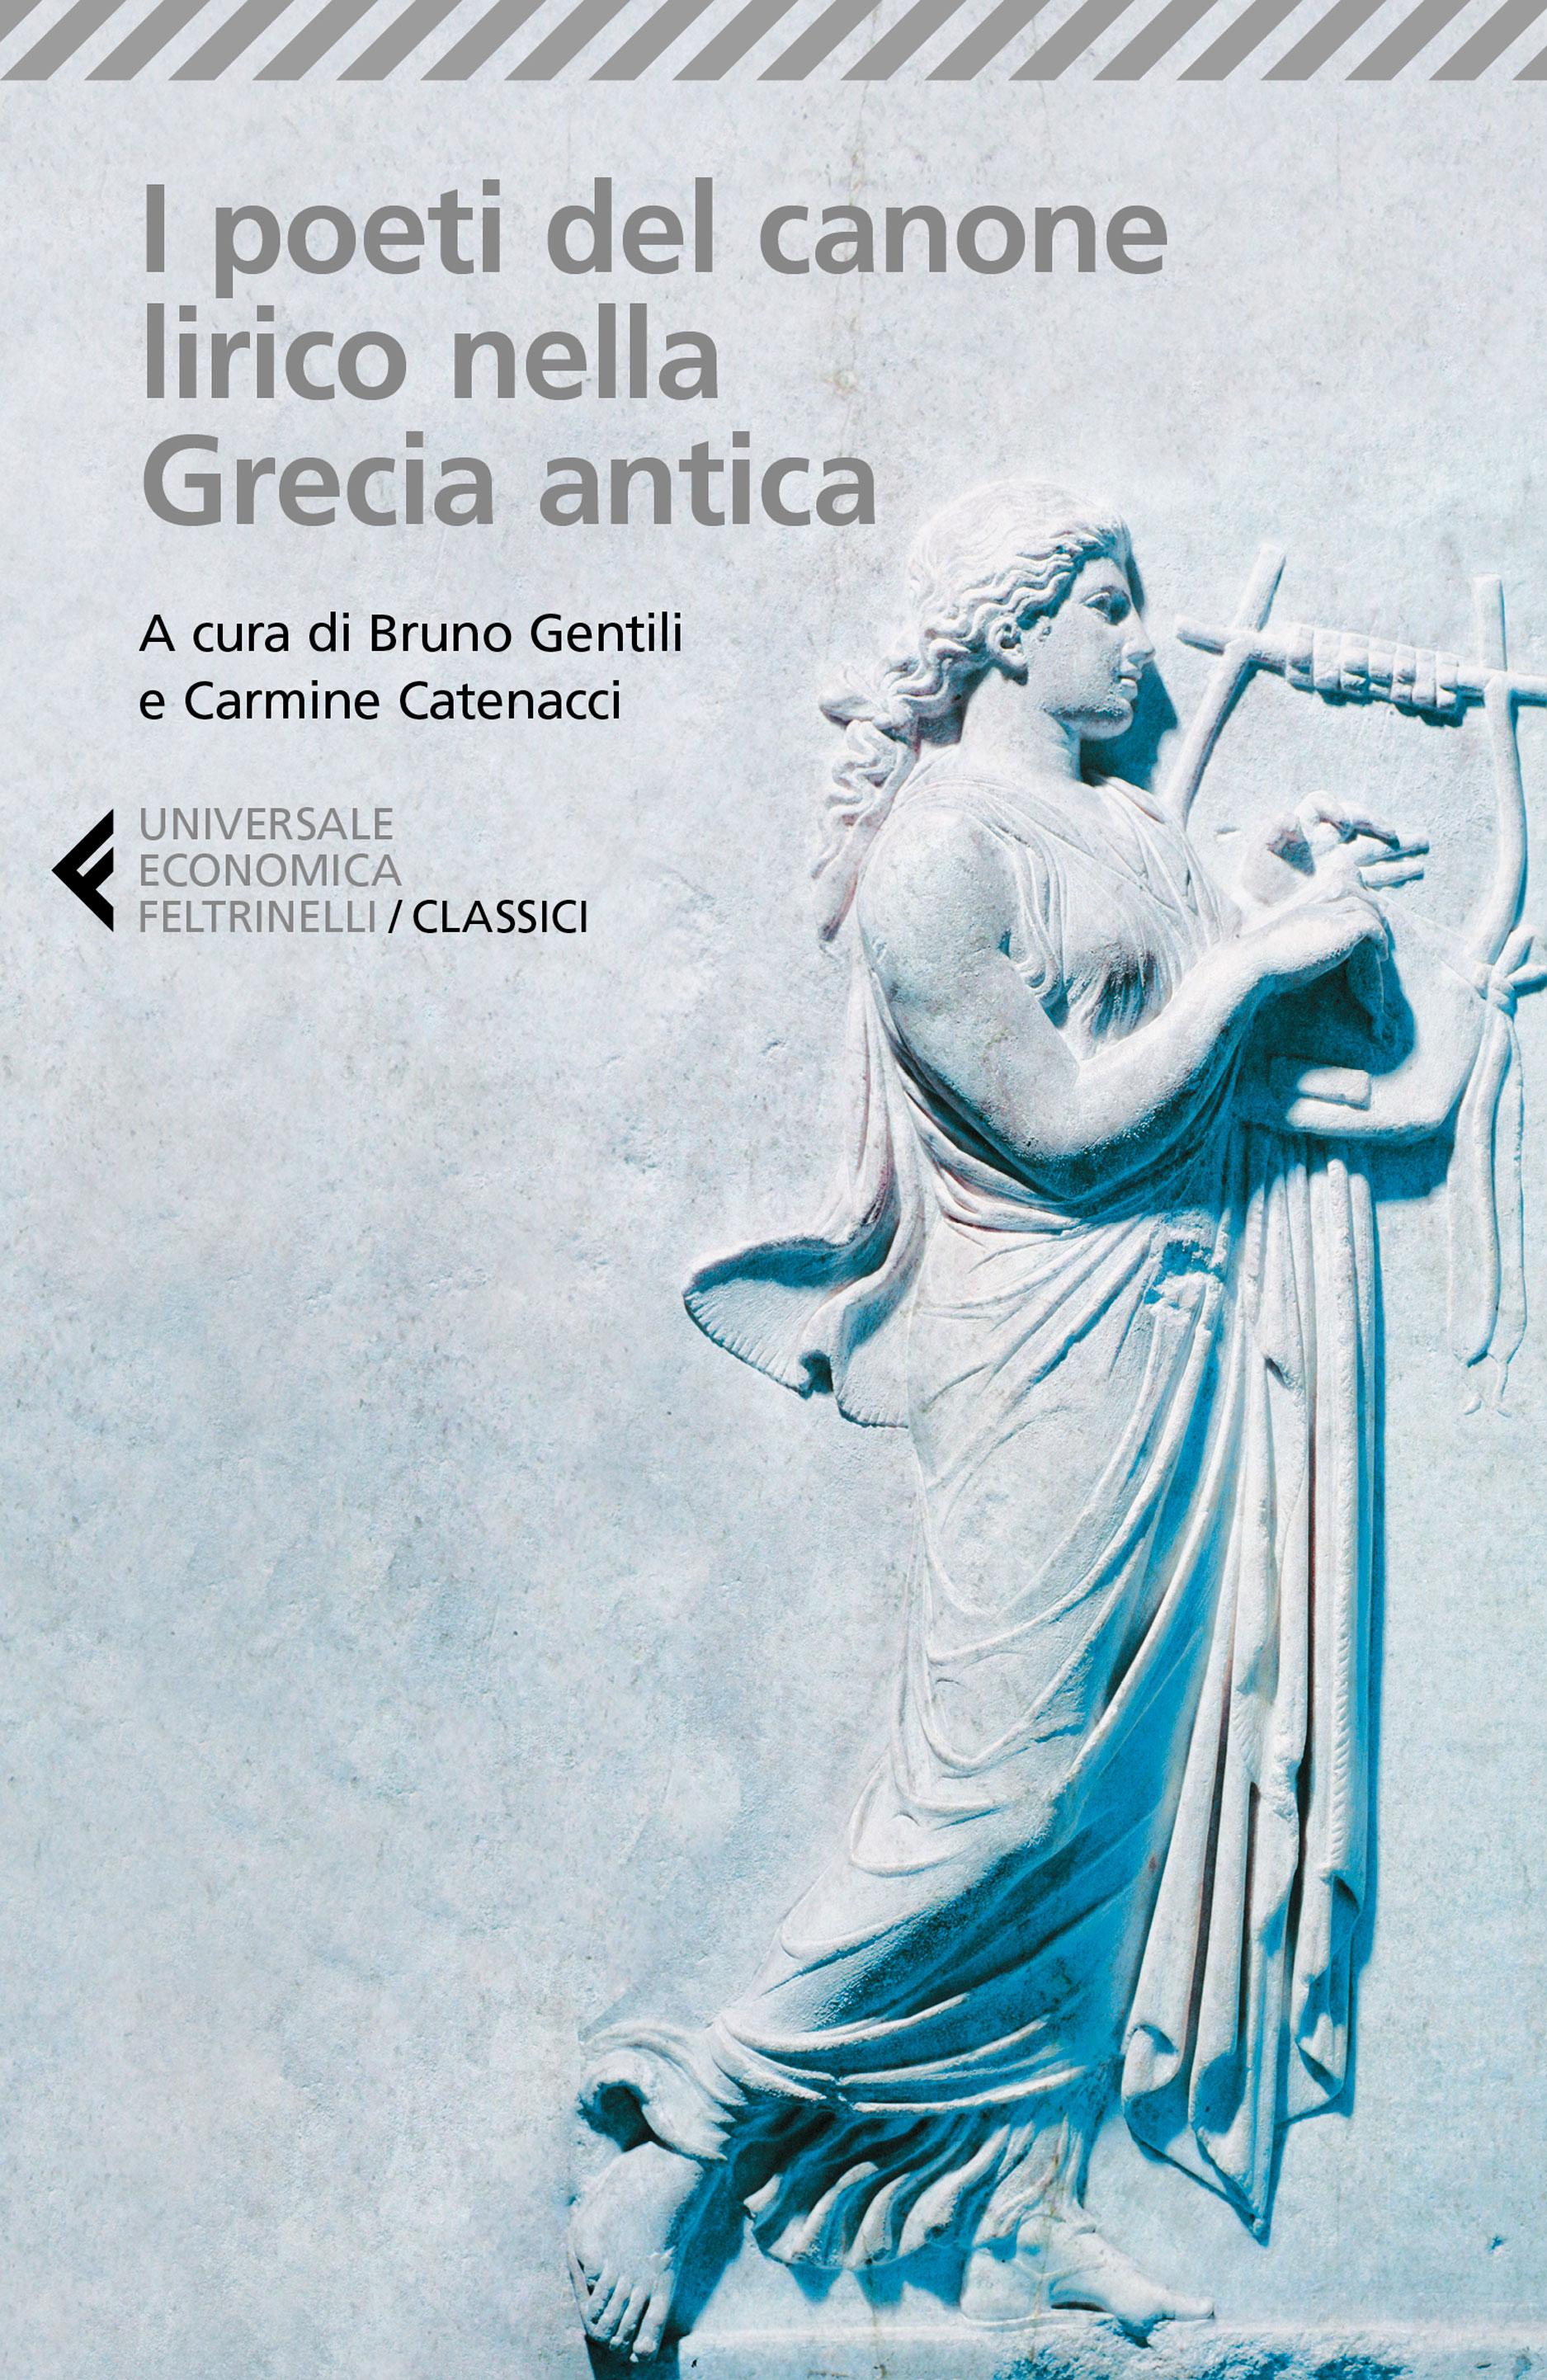 I poeti del canone lirico nella Grecia antica